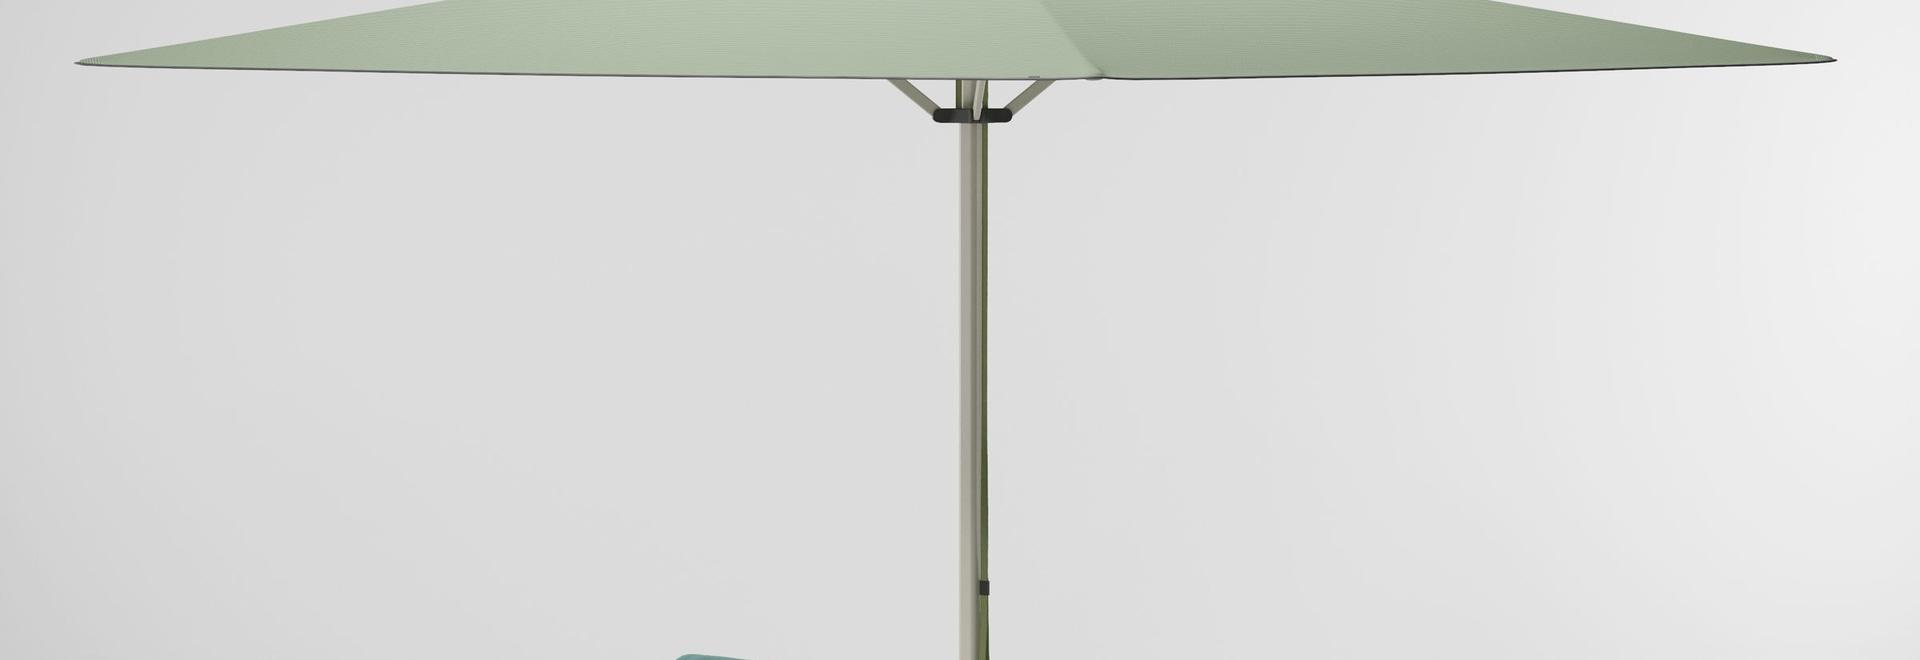 Meteo aggiunge tre adattamenti funzionali alla sua base ad ombrello